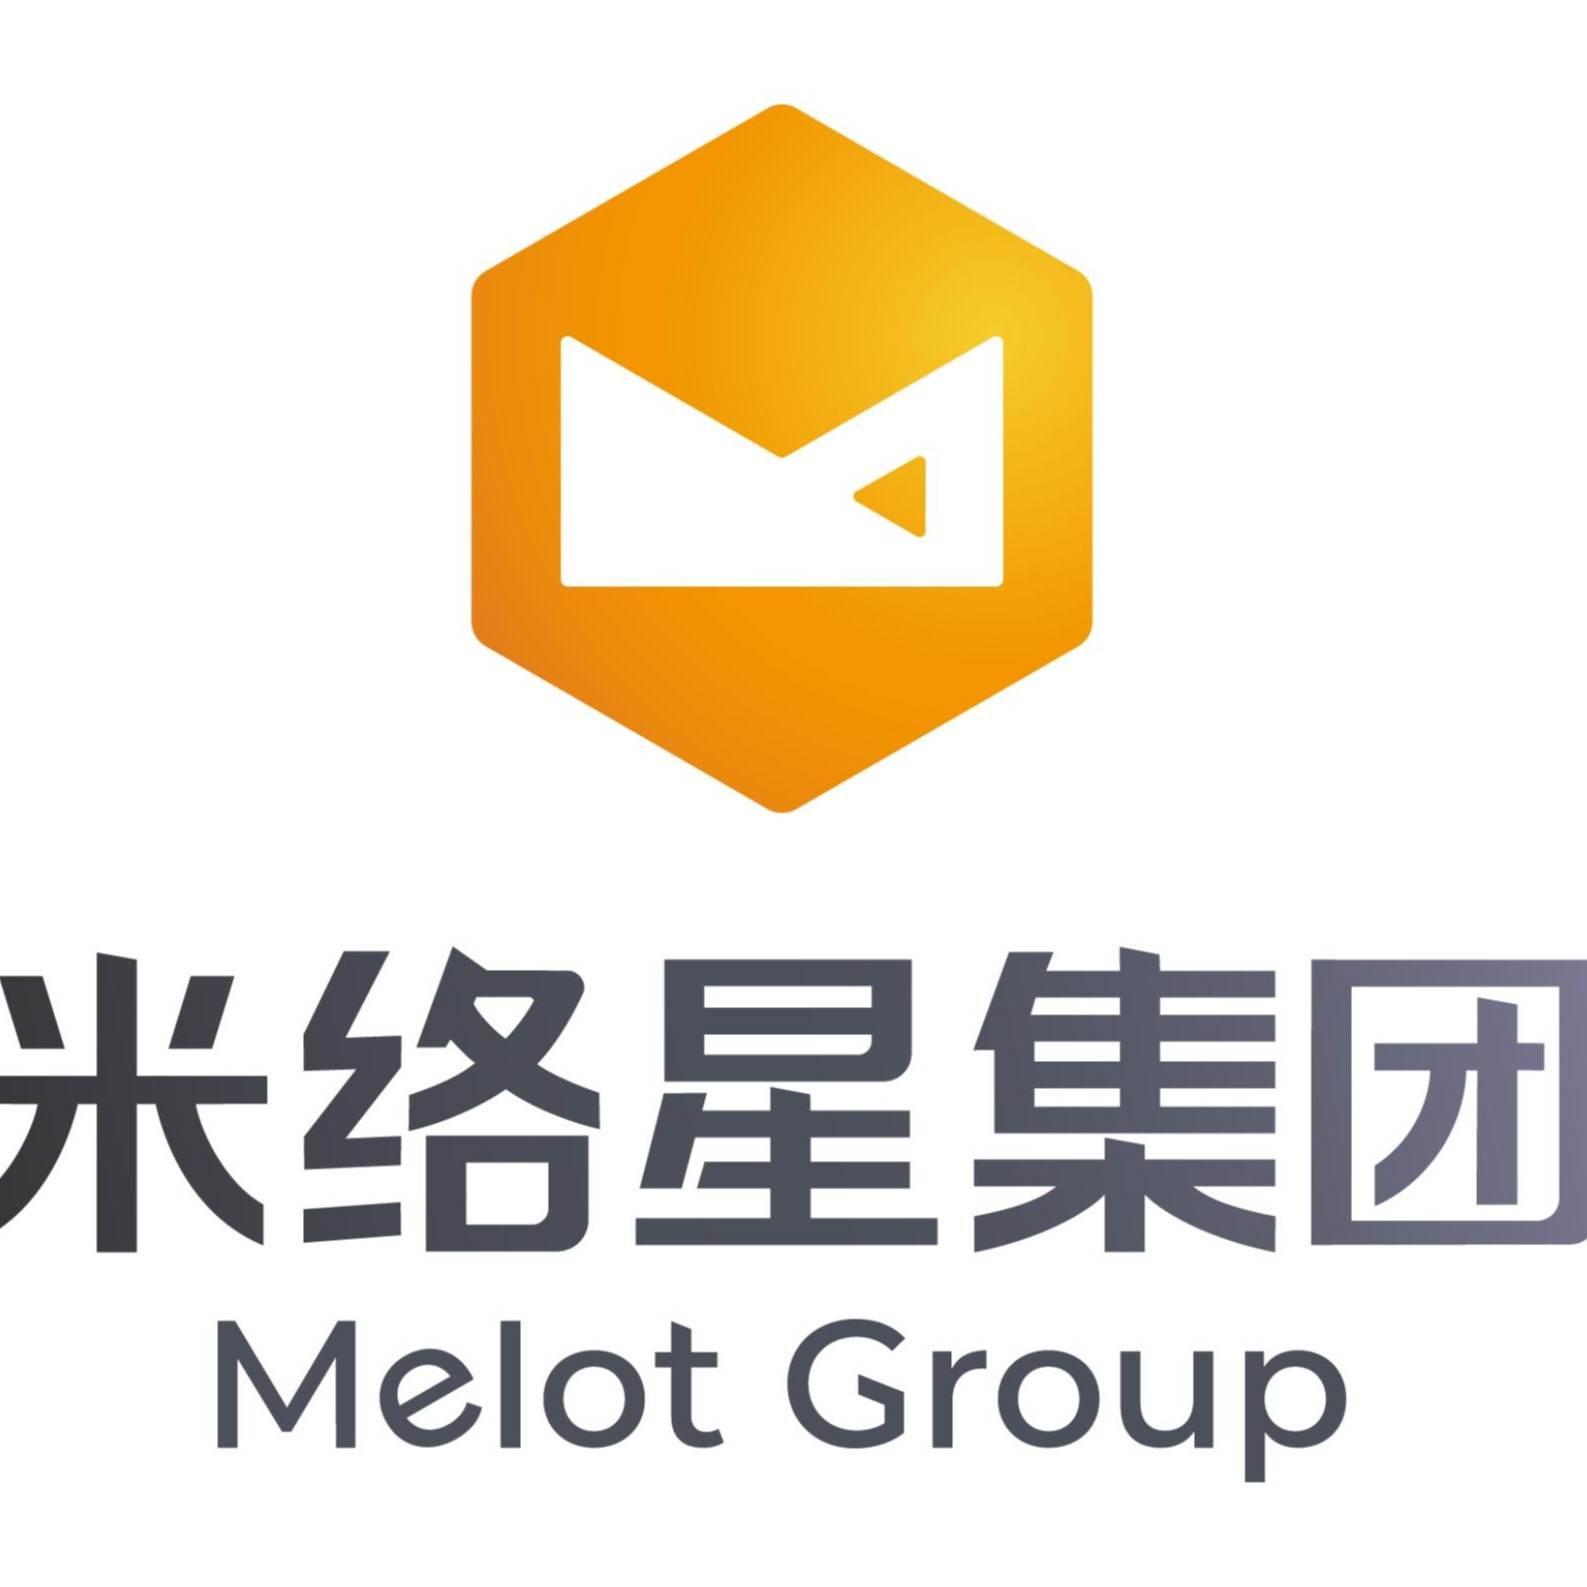 米络星是一家拥有音视频核心技术和知识产权的国家级高新技术企业